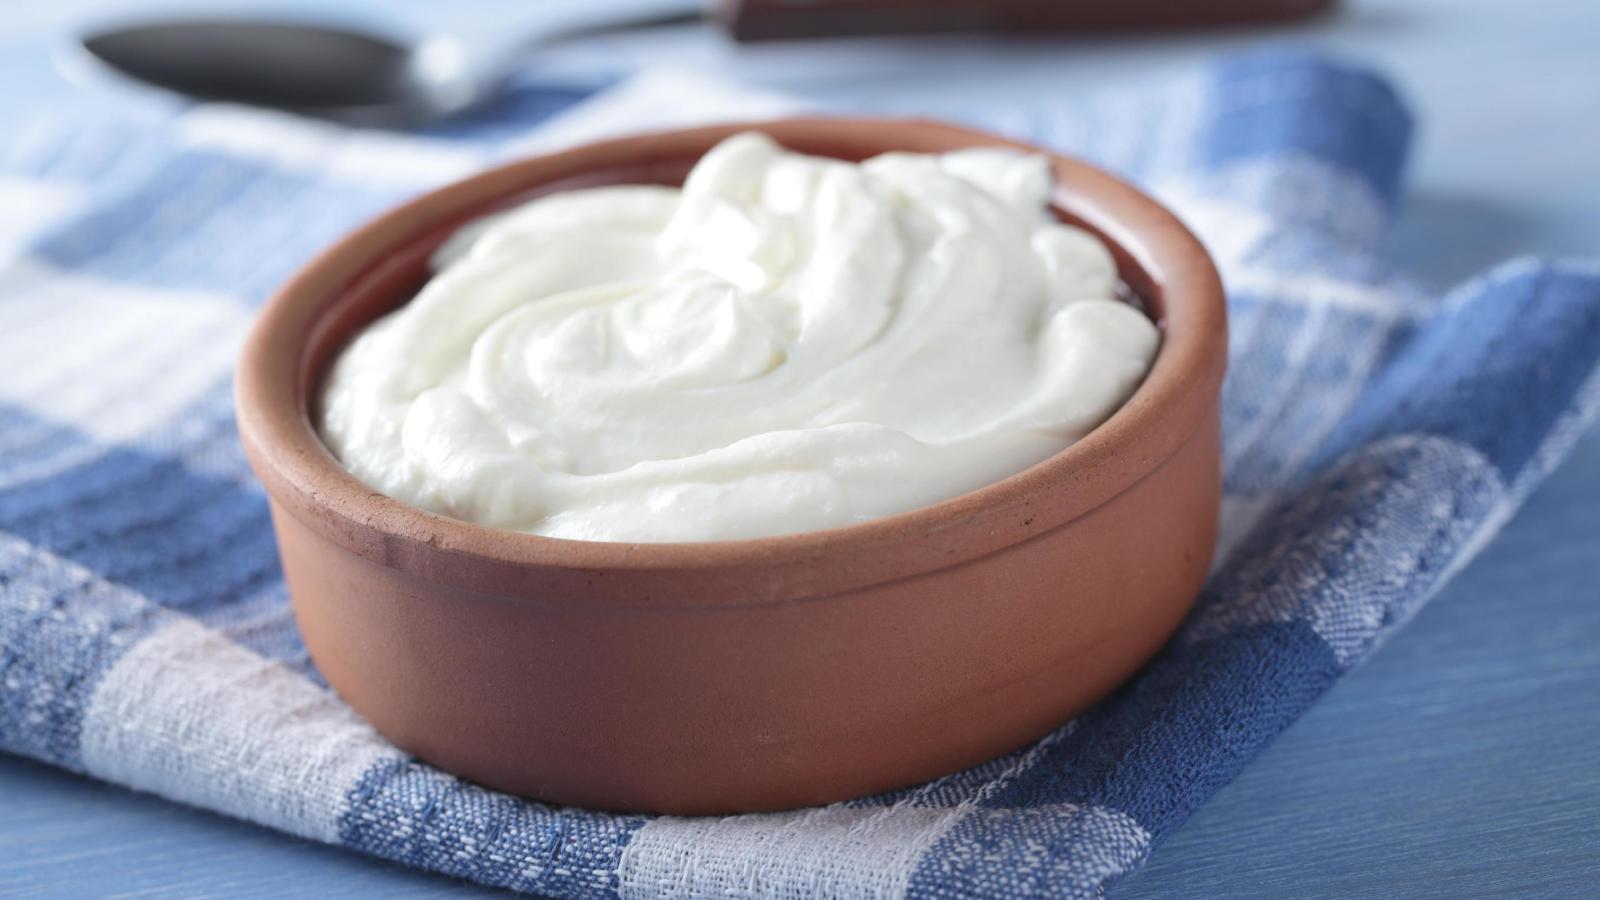 yogures con probioticos activos